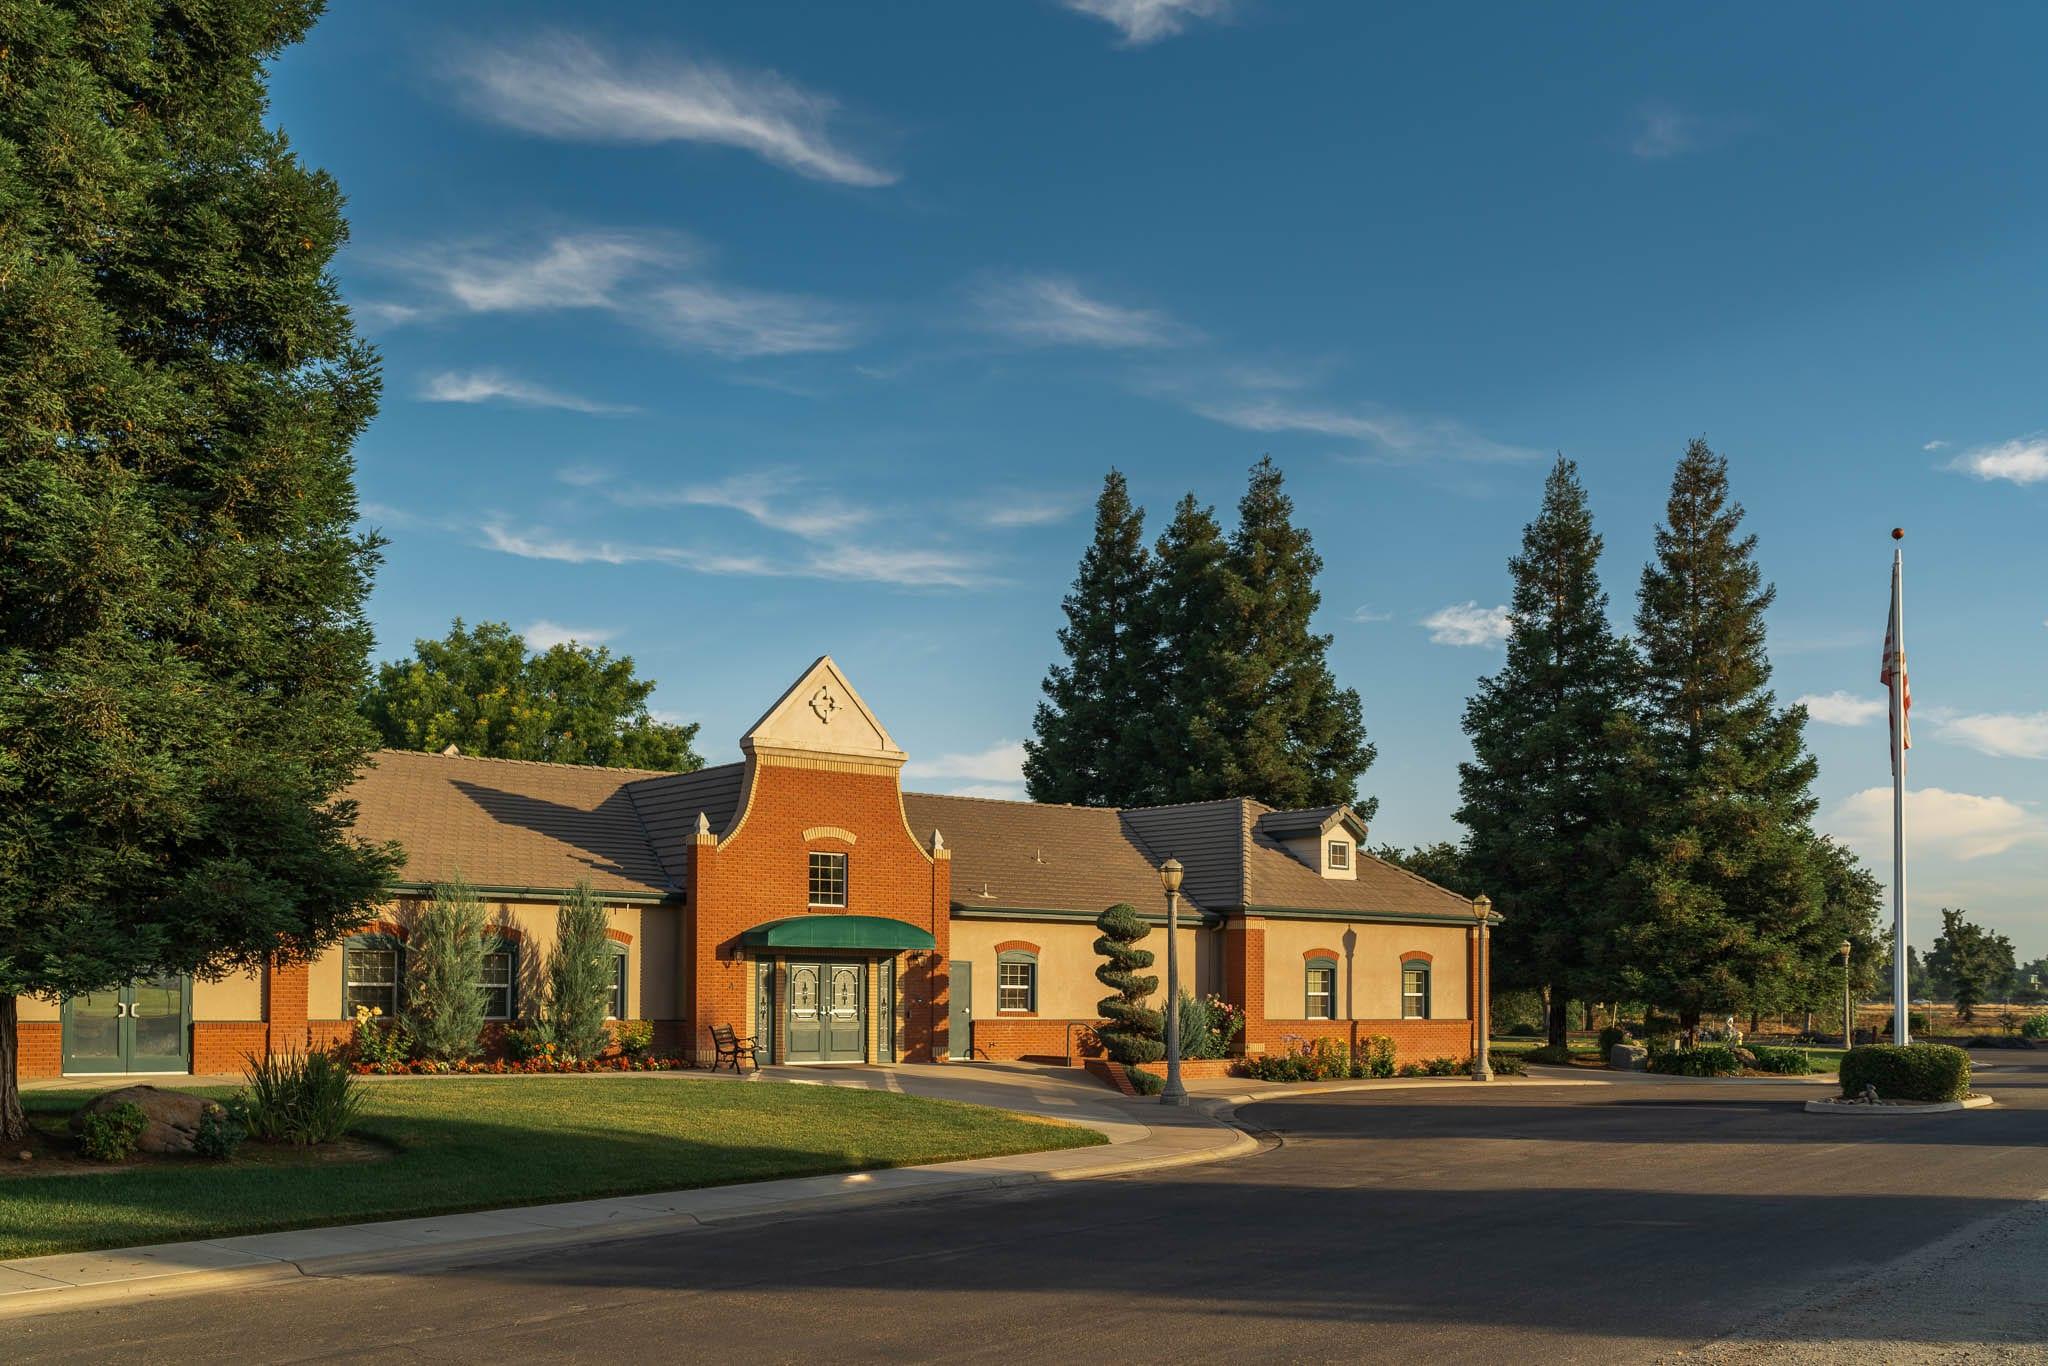 The Village Center at Sierra Village